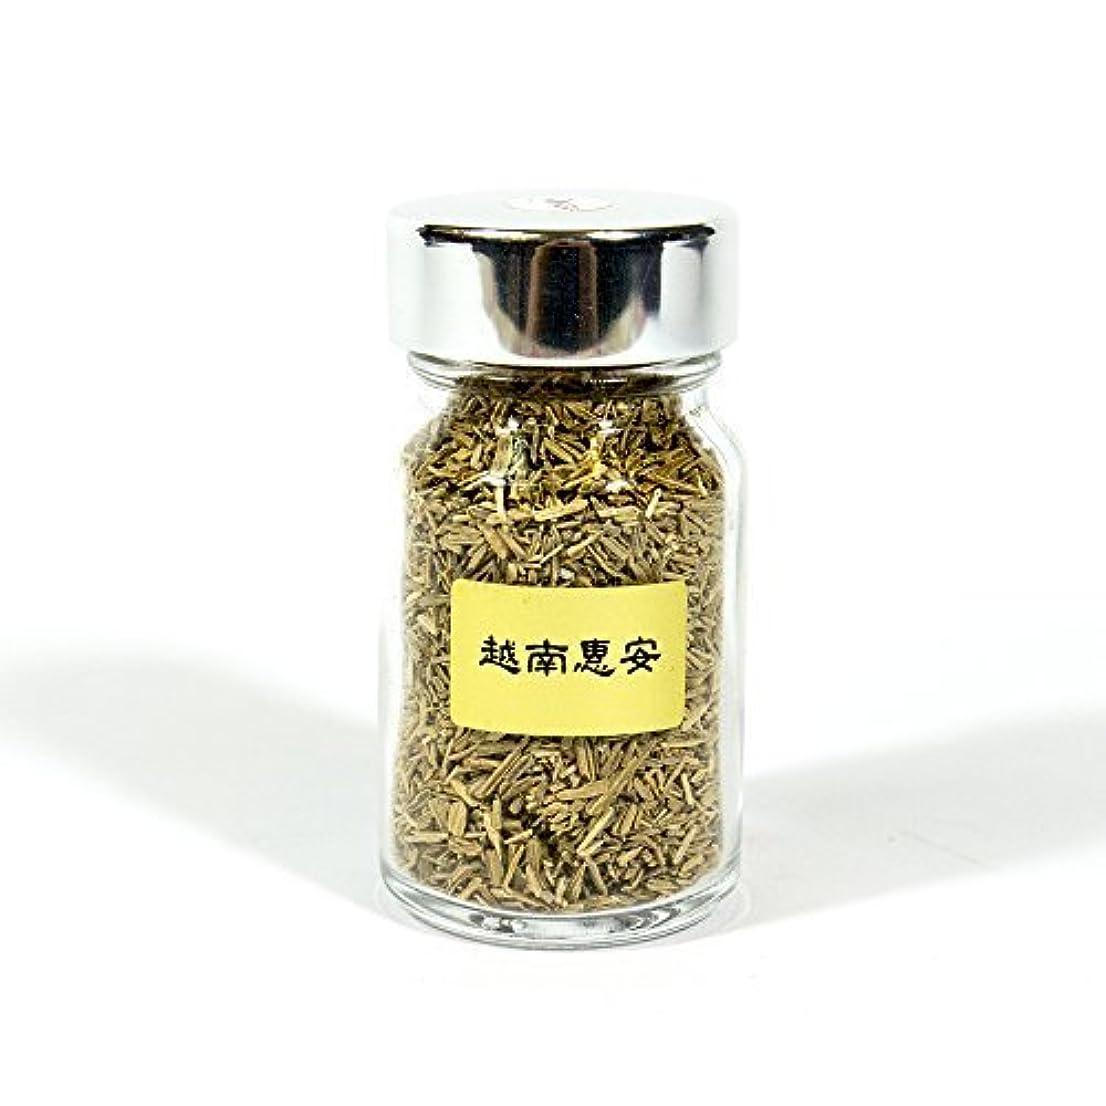 水分恩赦追い出すAgarwood Aloeswood Oud Chip Scrap Vietnam Hoi-An 10g Cultivated Suitable for Electric Burner by IncenseHouse -...